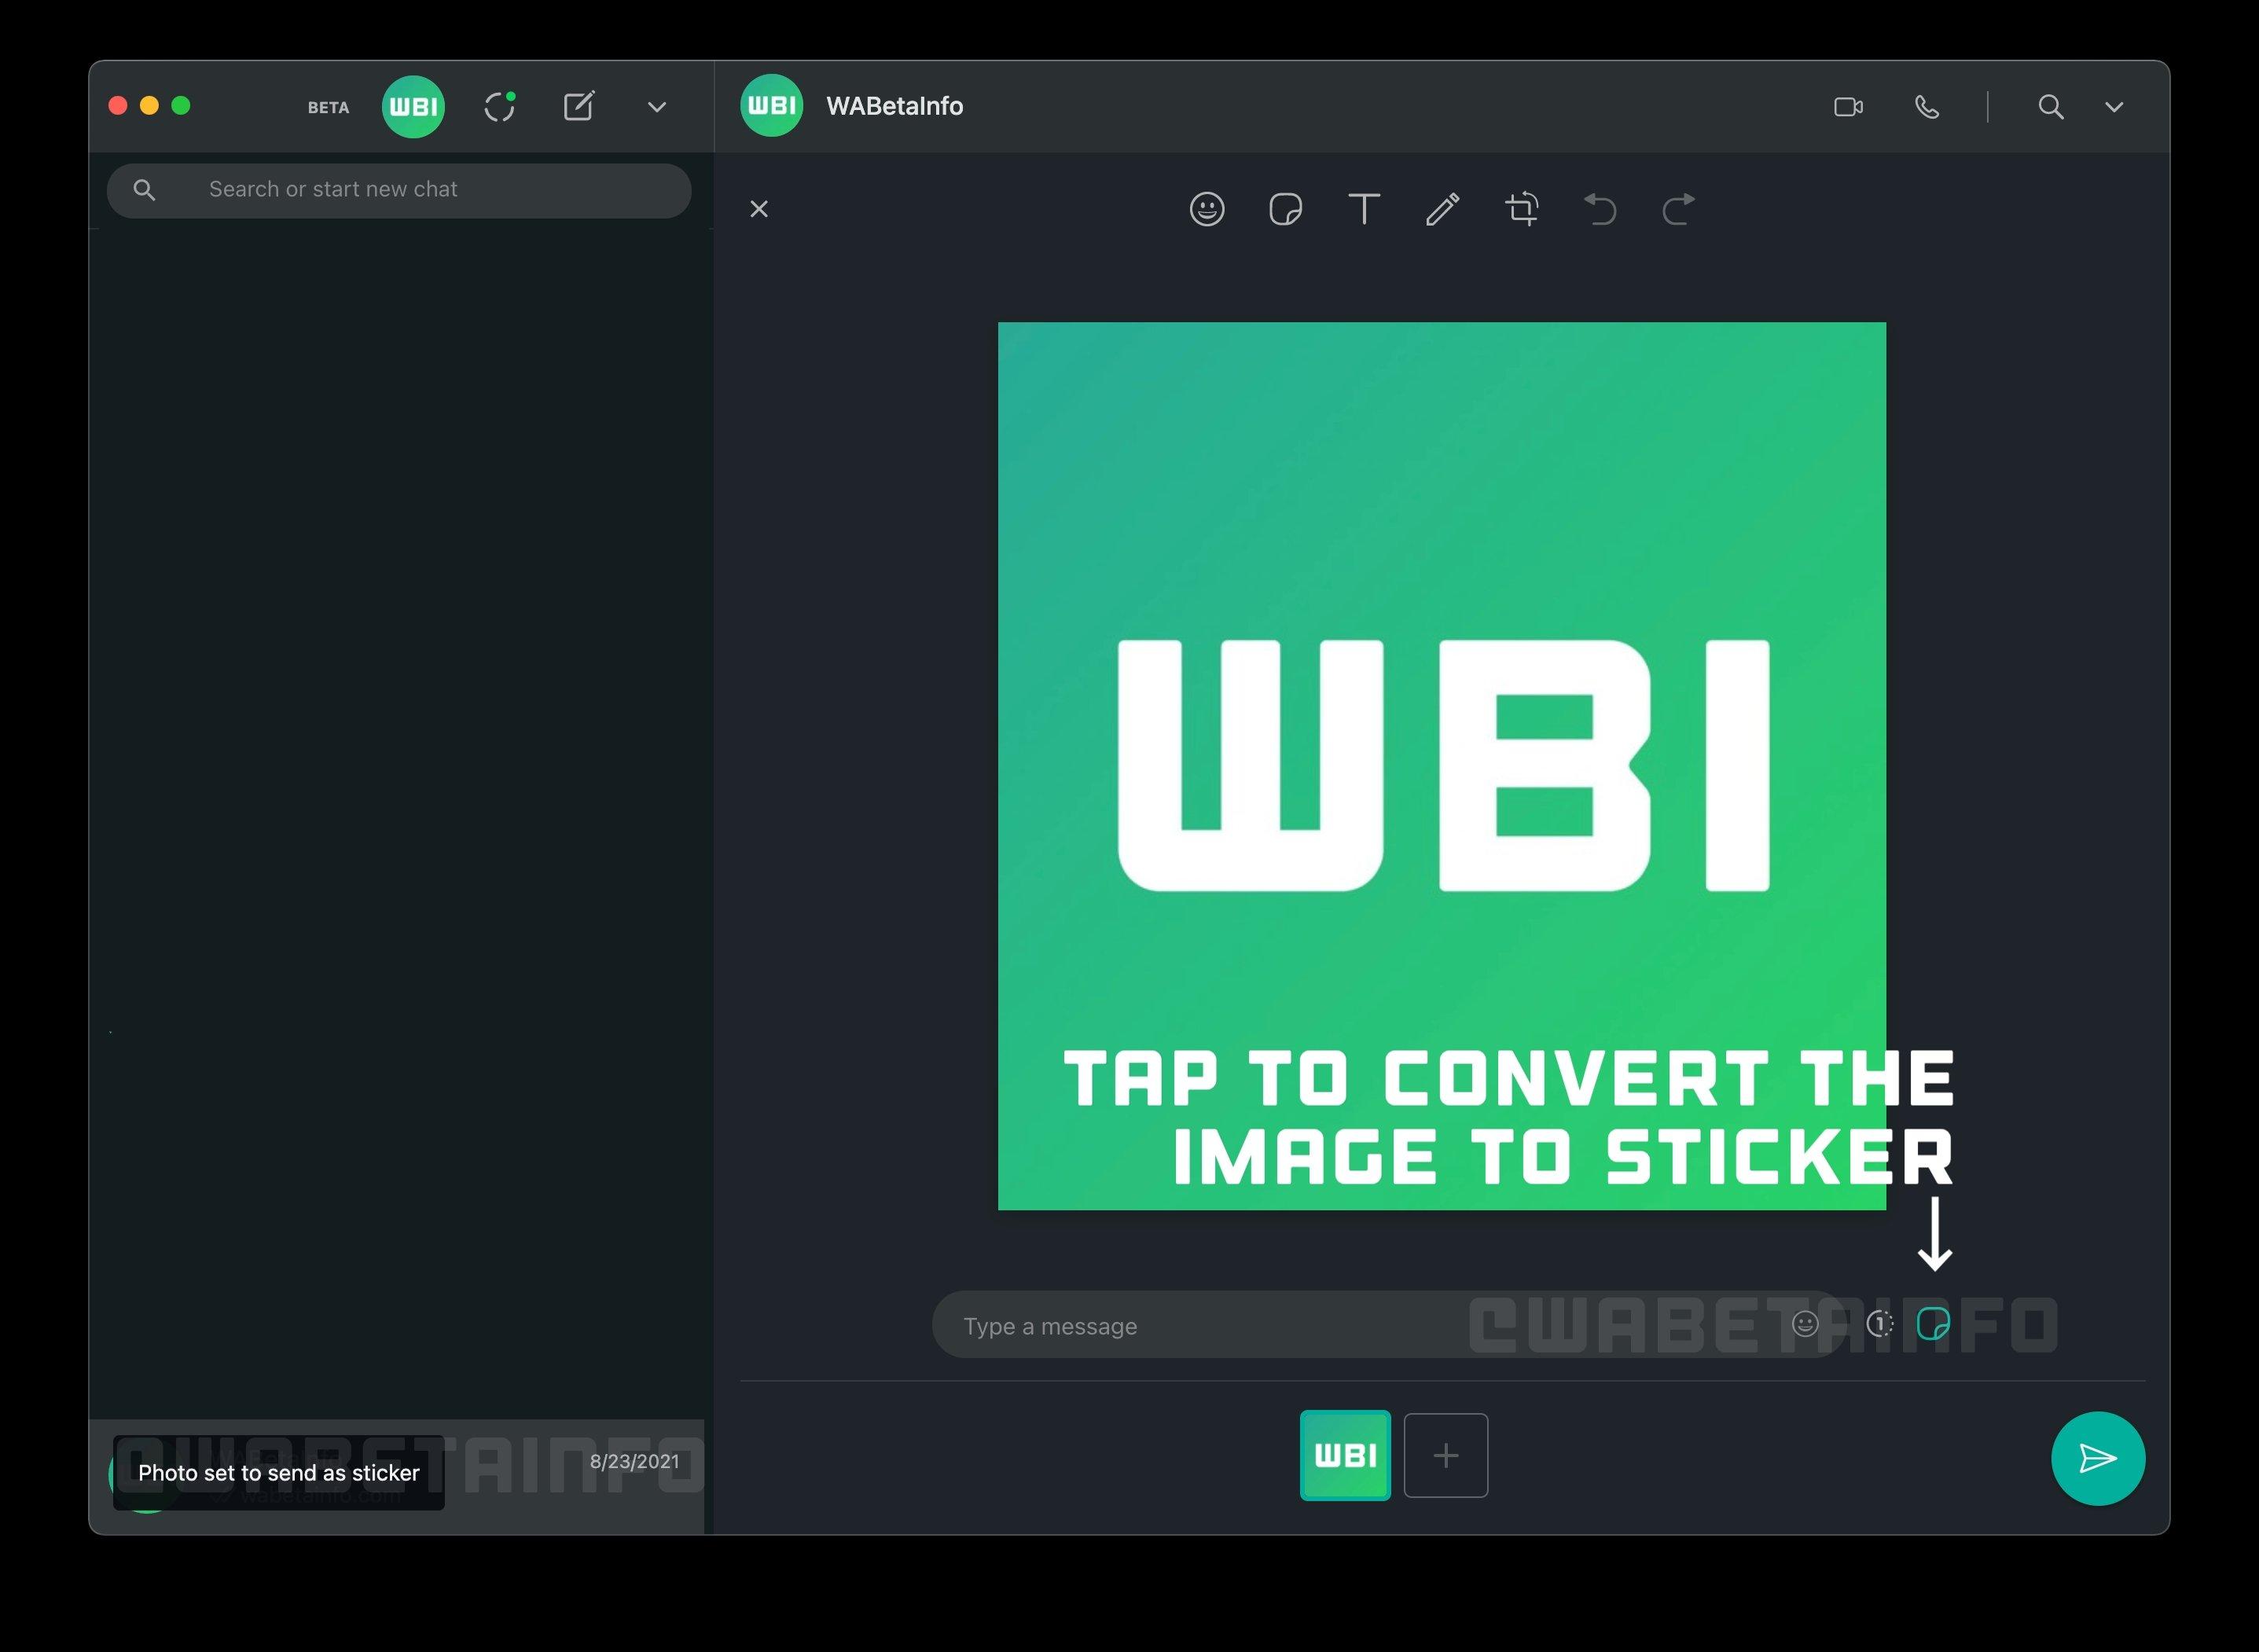 imagem como sticker no WhatsApp